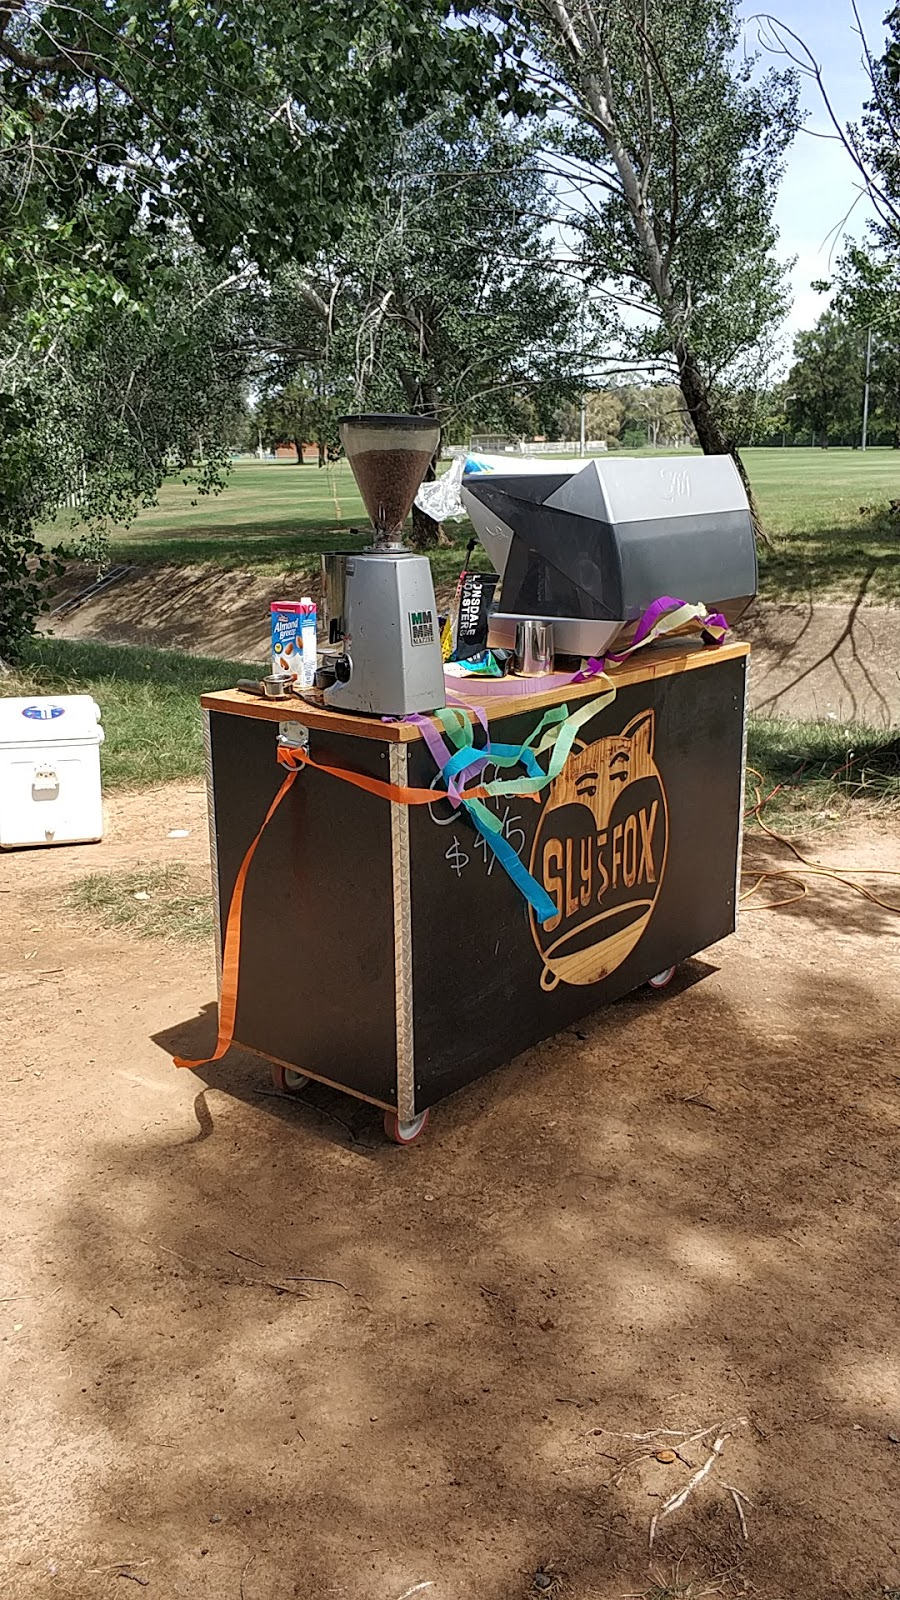 Sly Fox Coffee | cafe | MacArthur Ave, OConnor ACT 2602, Australia | 0411570209 OR +61 411 570 209